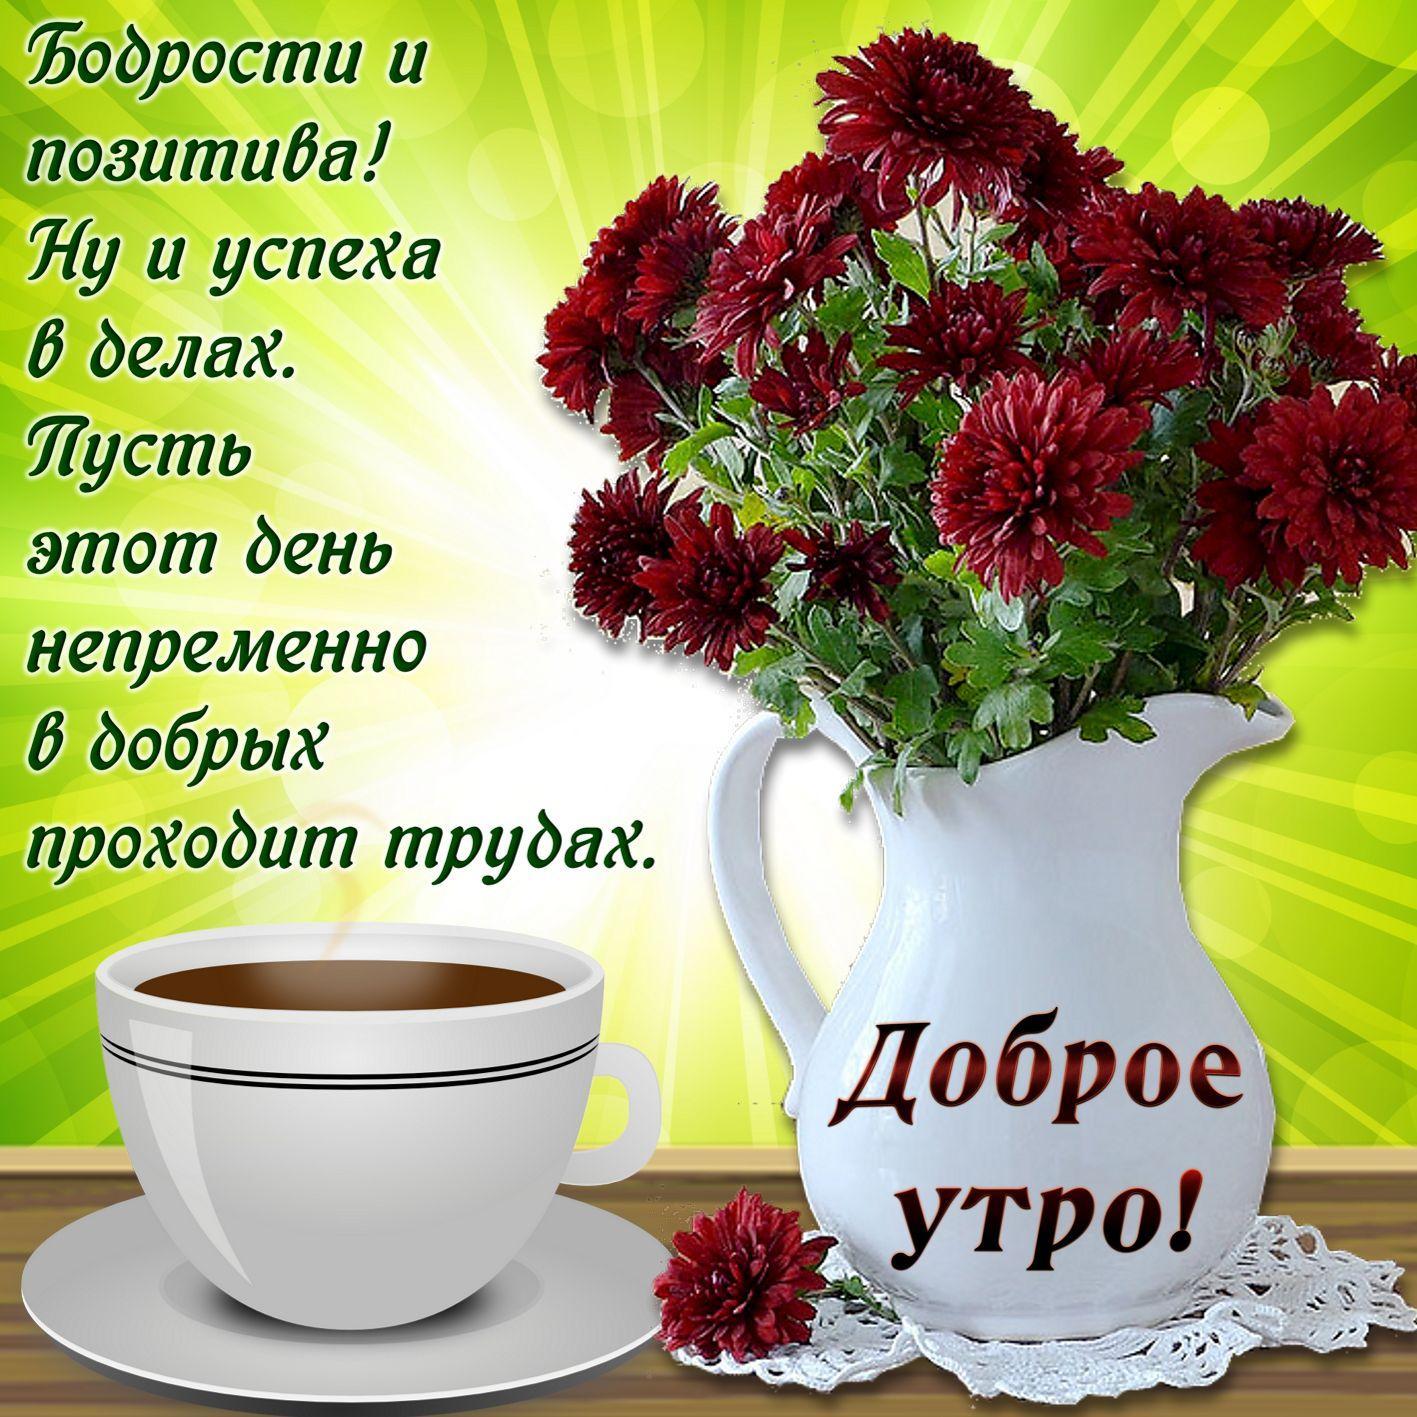 русская прикольные открытки с добрым утром со стихами природных исторических достопримечательностей